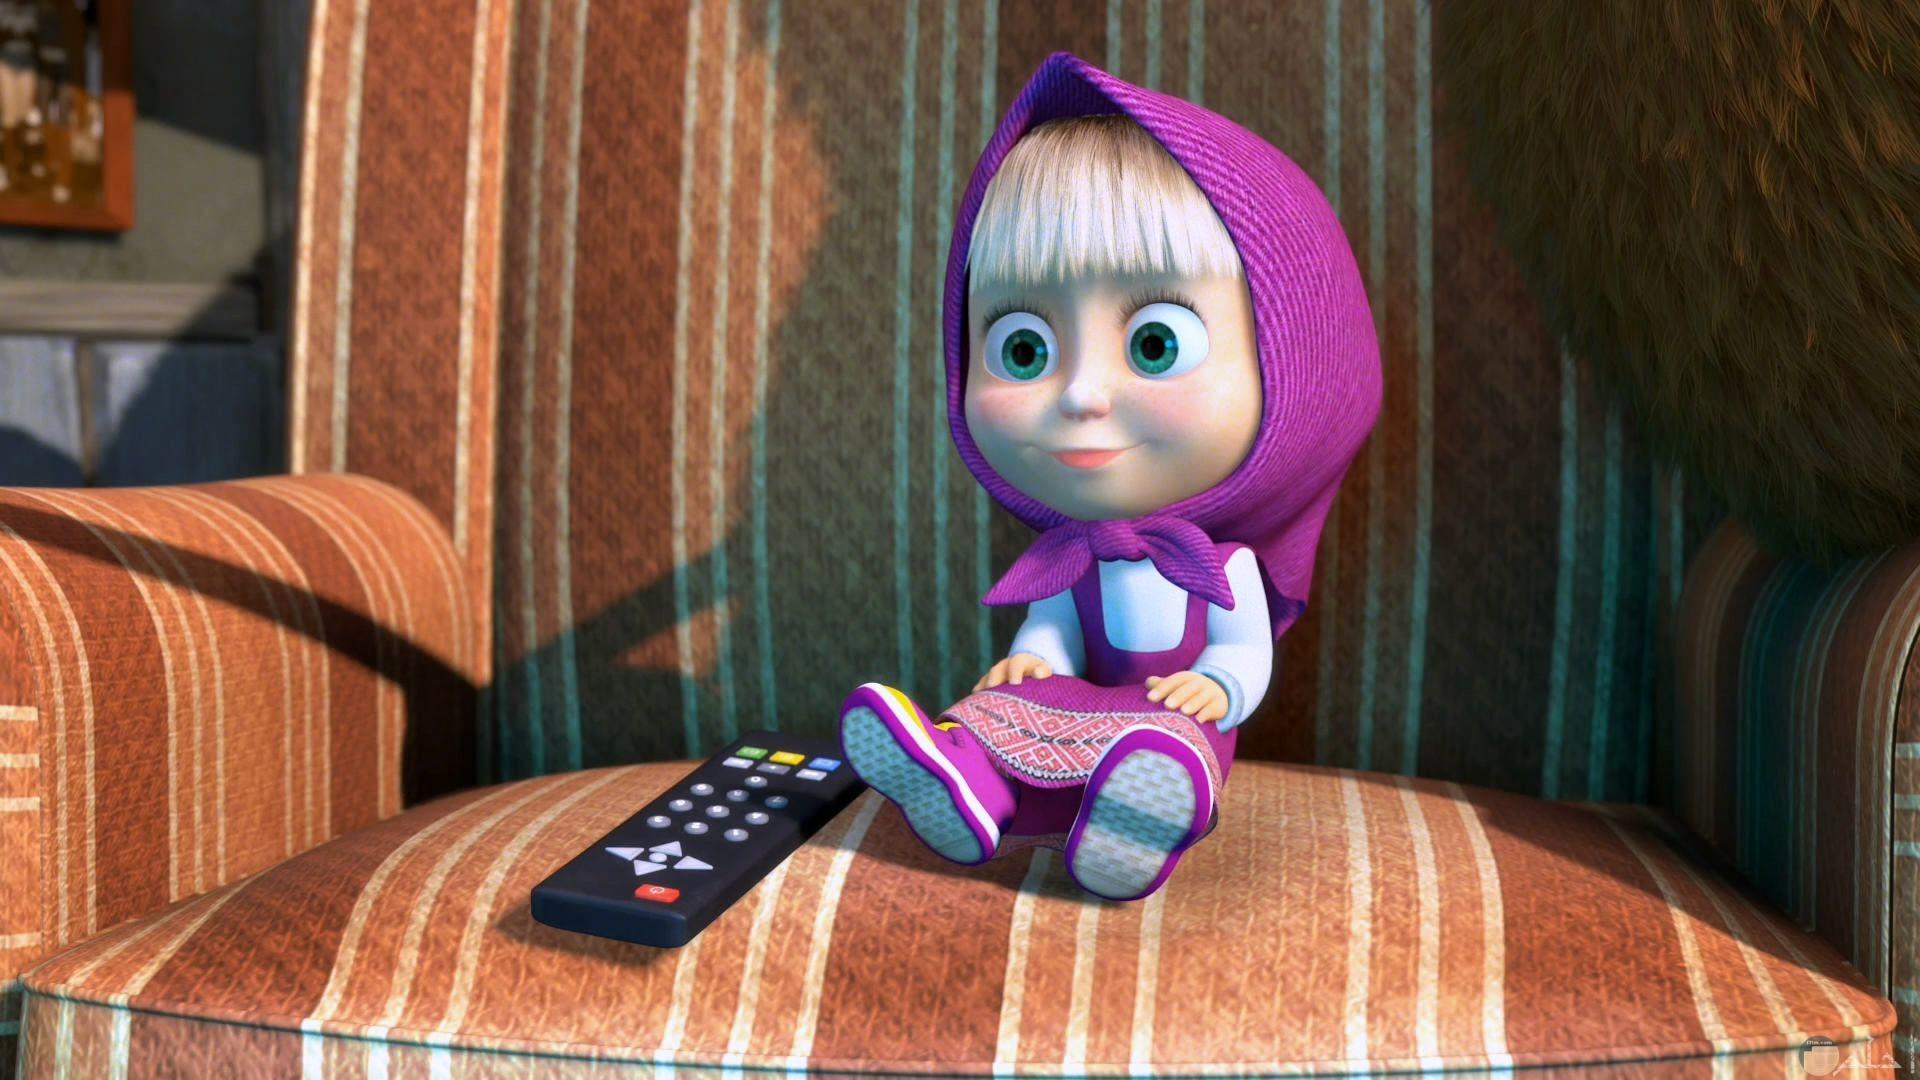 صورة جميلة لماشا وهي تشاهد التلفزيون مميزة